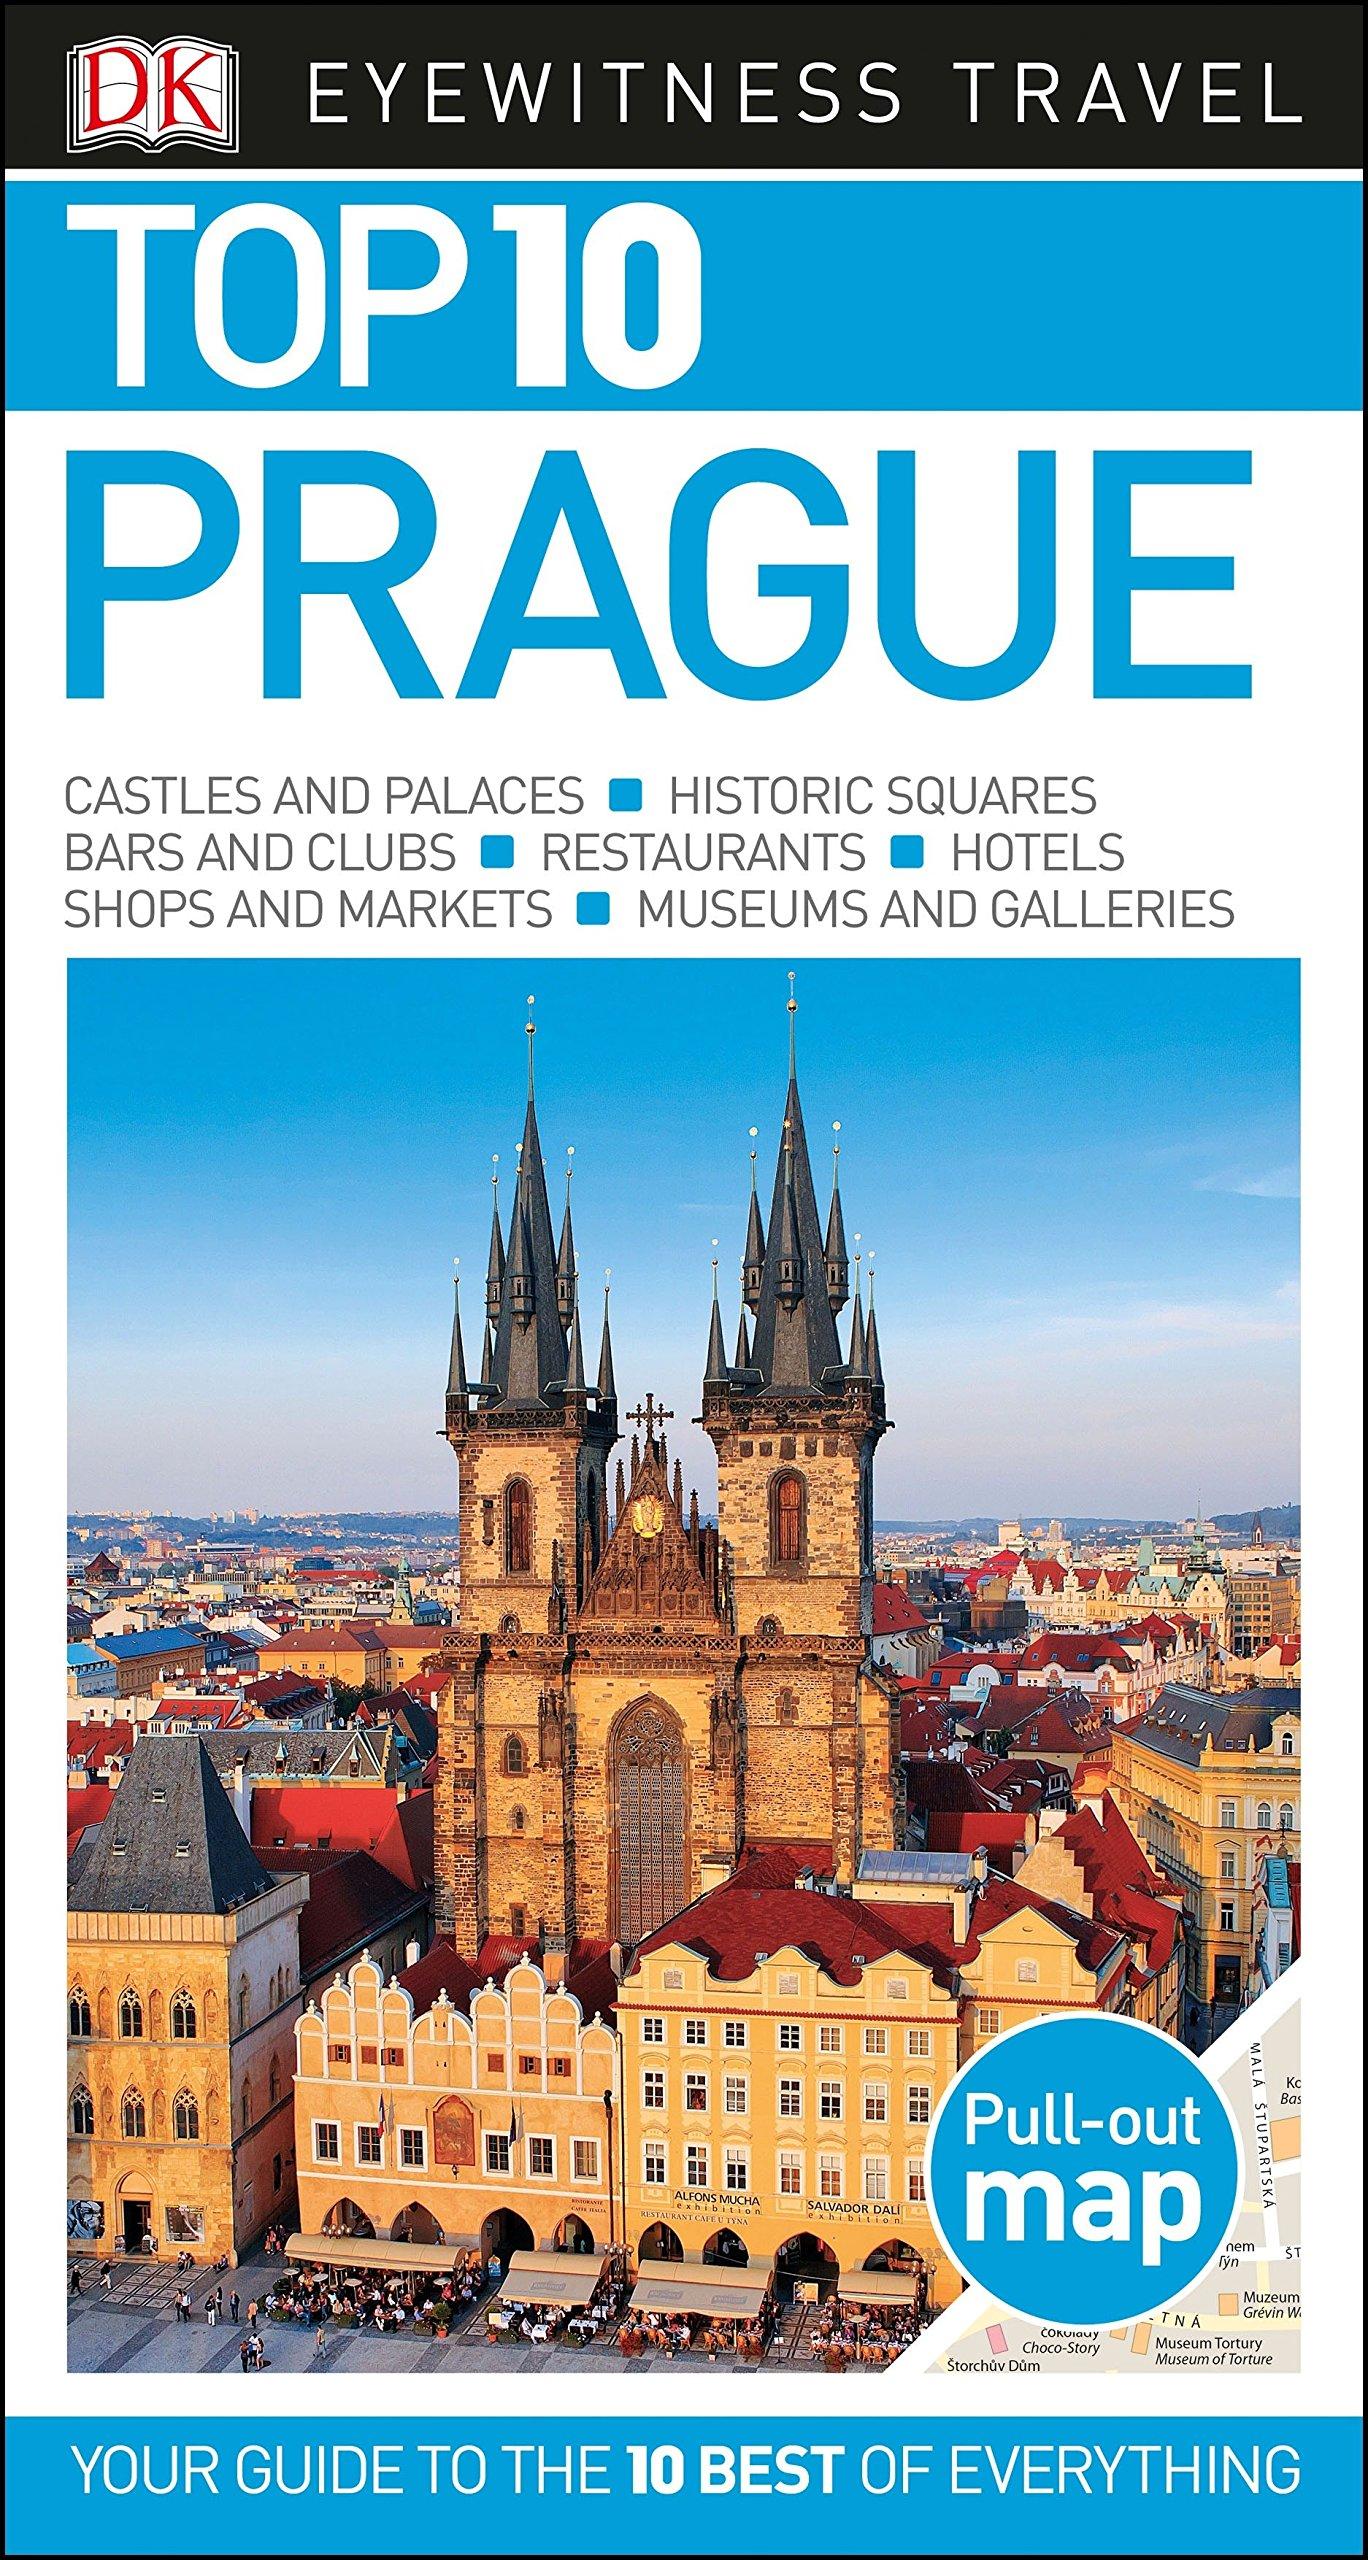 Top 10 Prague (Eyewitness Top 10 Travel Guide) by DK Eyewitness Travel